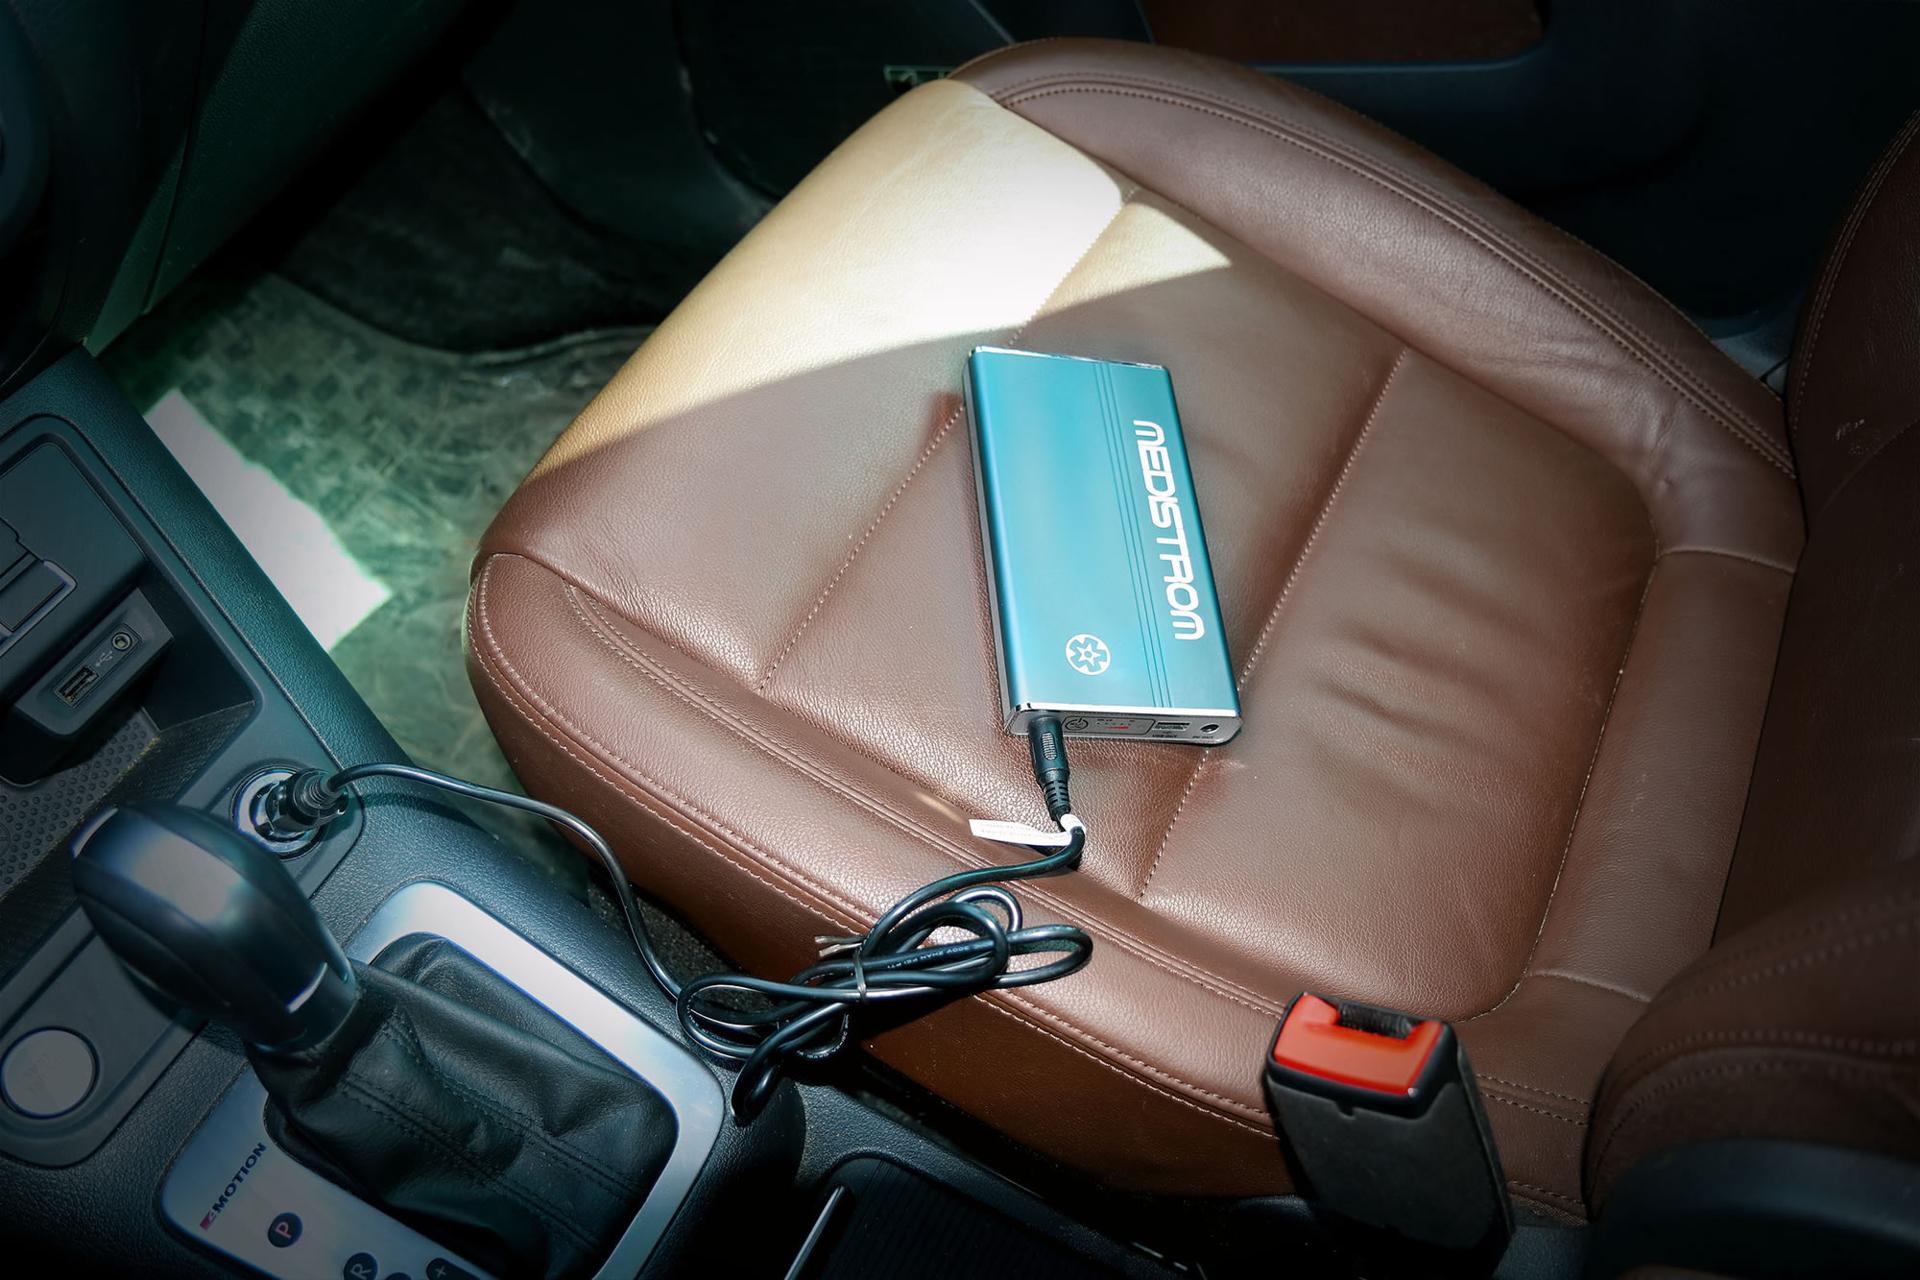 Image de Câble de chargement Medistrom Pilot-12/24 Lite pour automobile